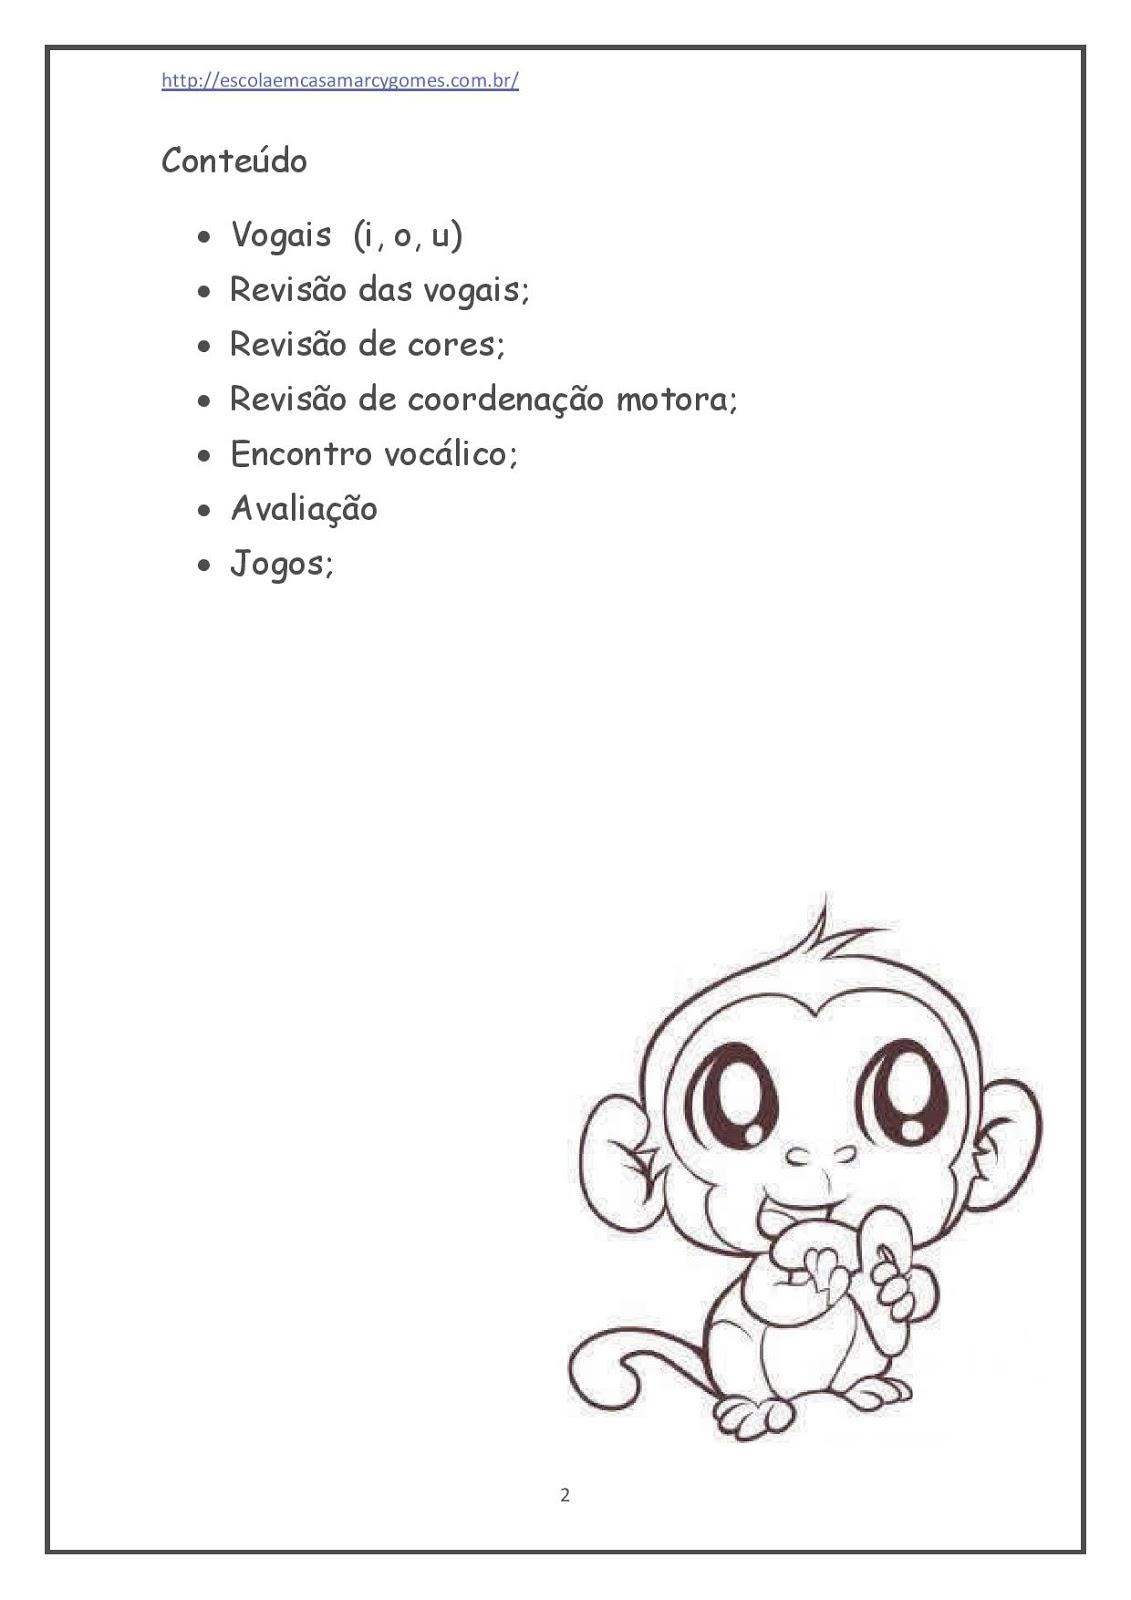 Apostila Educação Infantil Ii Português Parte 2 142 Páginas